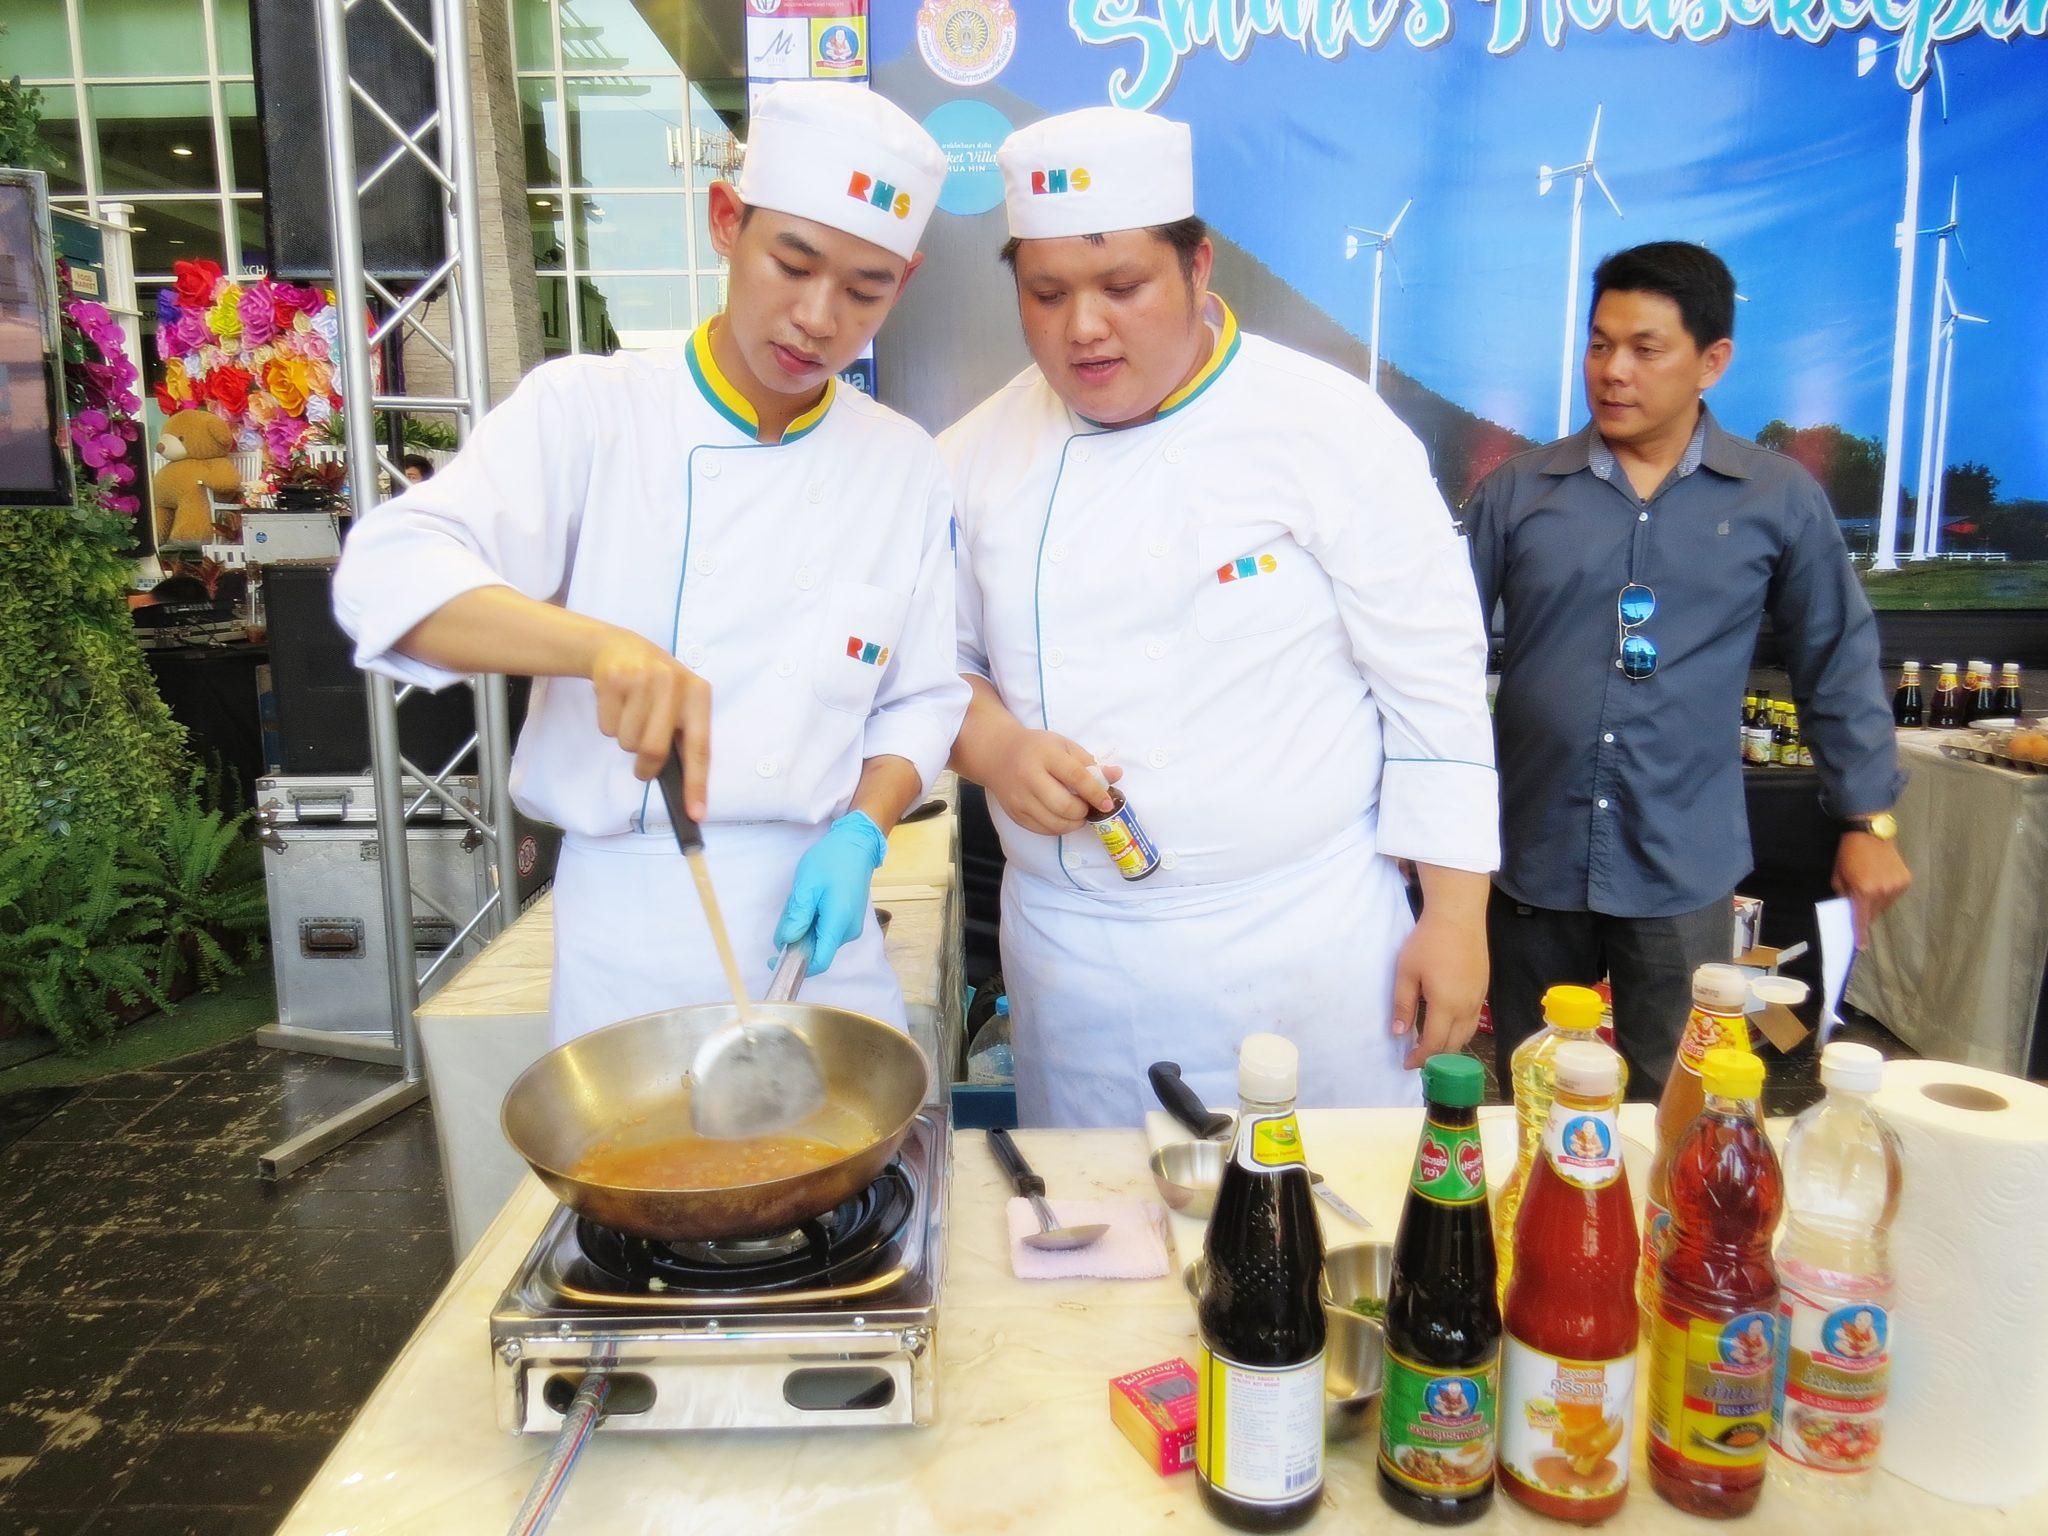 RHS เรียนทำอาหาร โรงเรียนสอนทำอาหาร 26